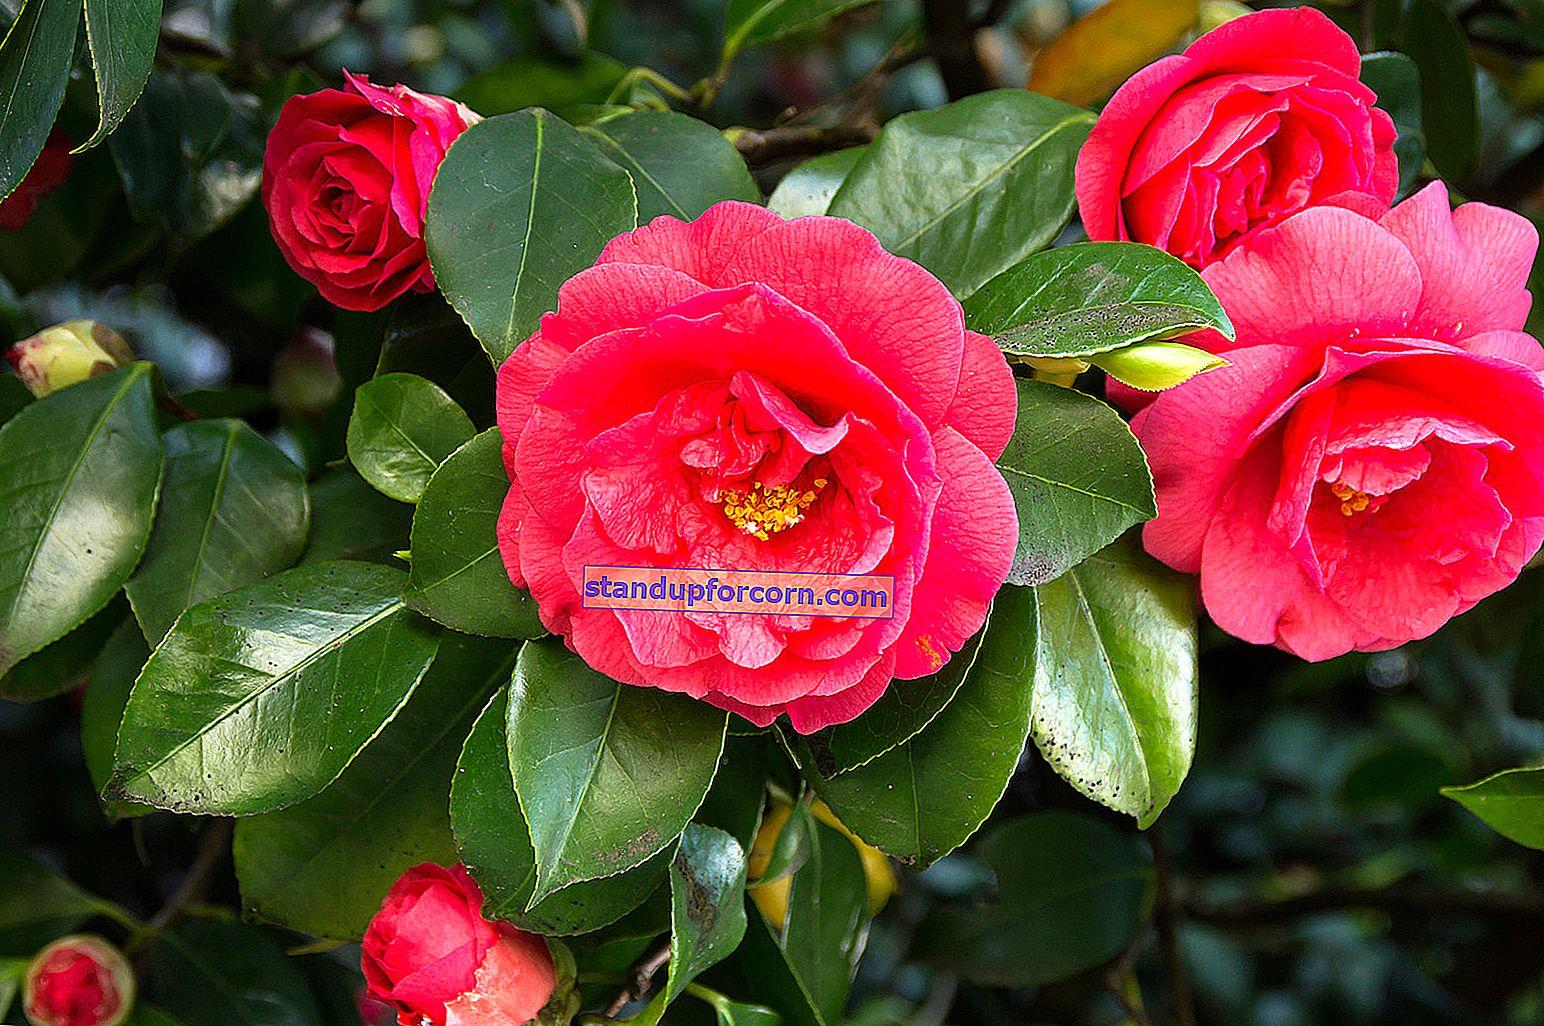 Blomsten av Ismena, membran. Dyrking, overvintring, reproduksjon